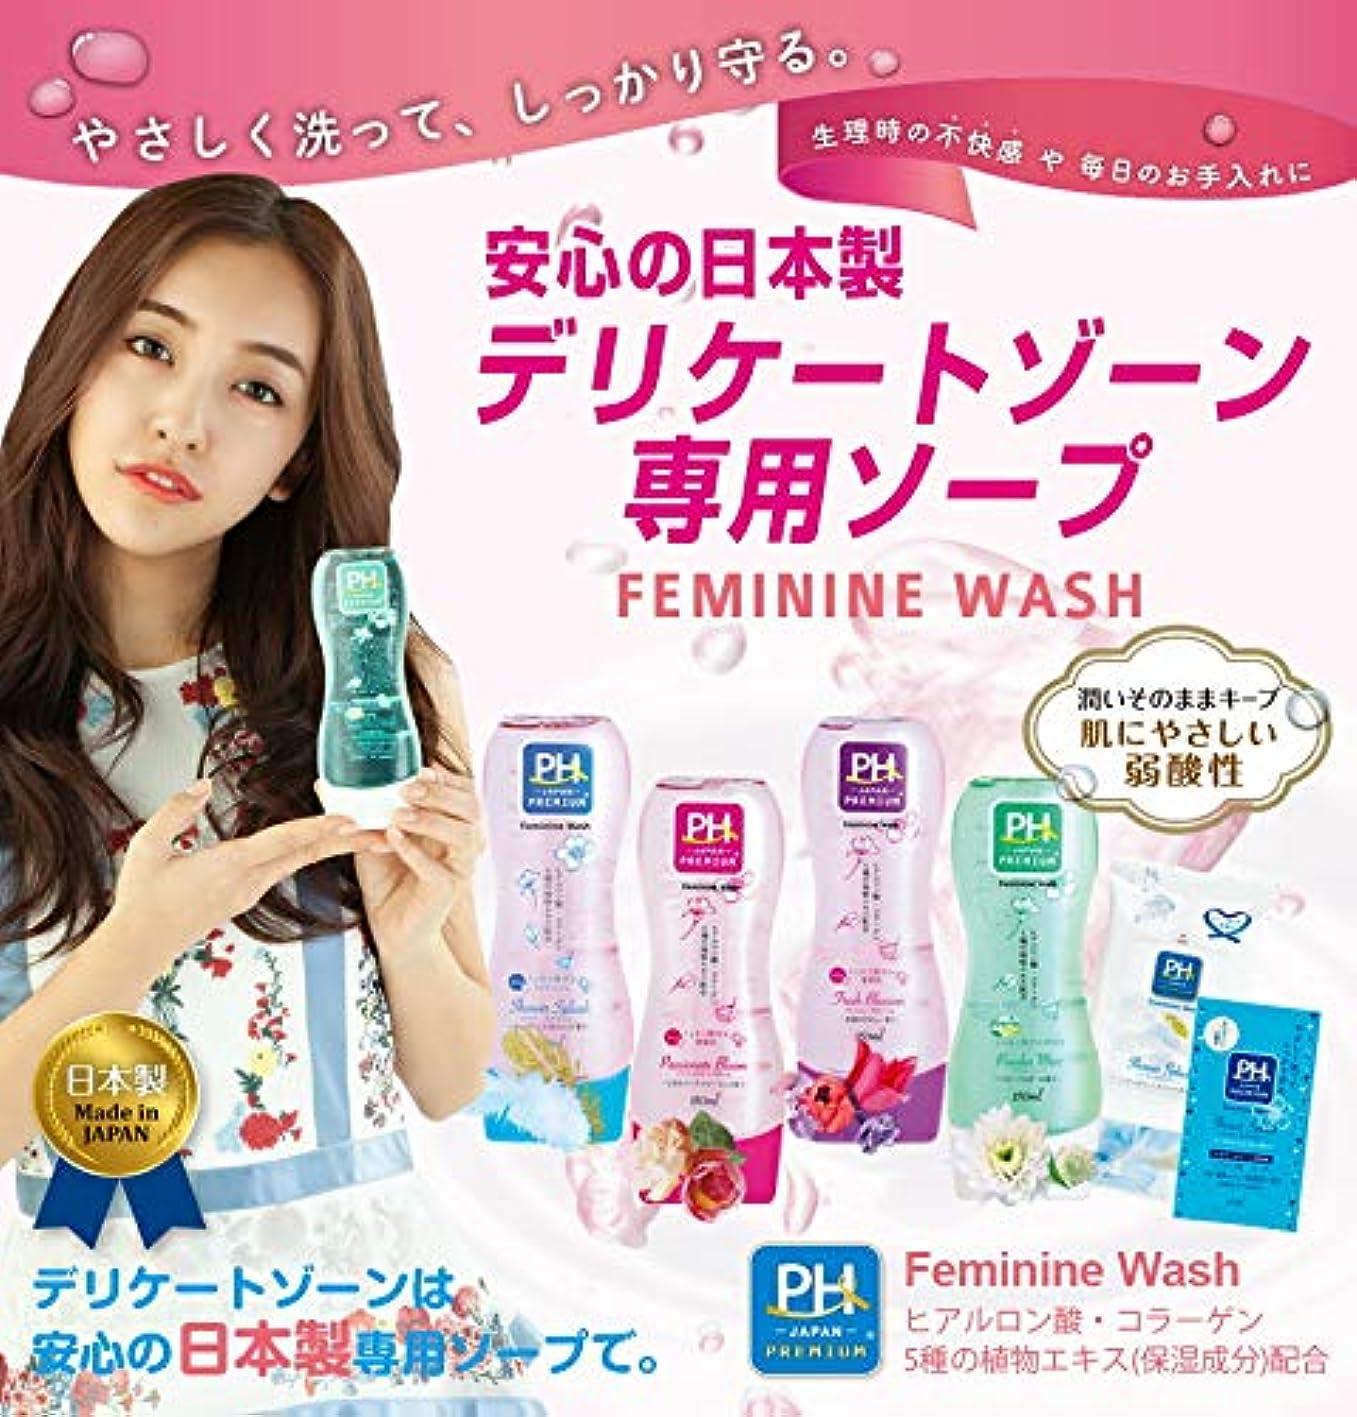 秀でるサーマルキャプチャーPH JAPAN プレミアム フェミニンウォッシュ パッショネイトブルーム150ml上品なローズフローラルの香り 3本セット